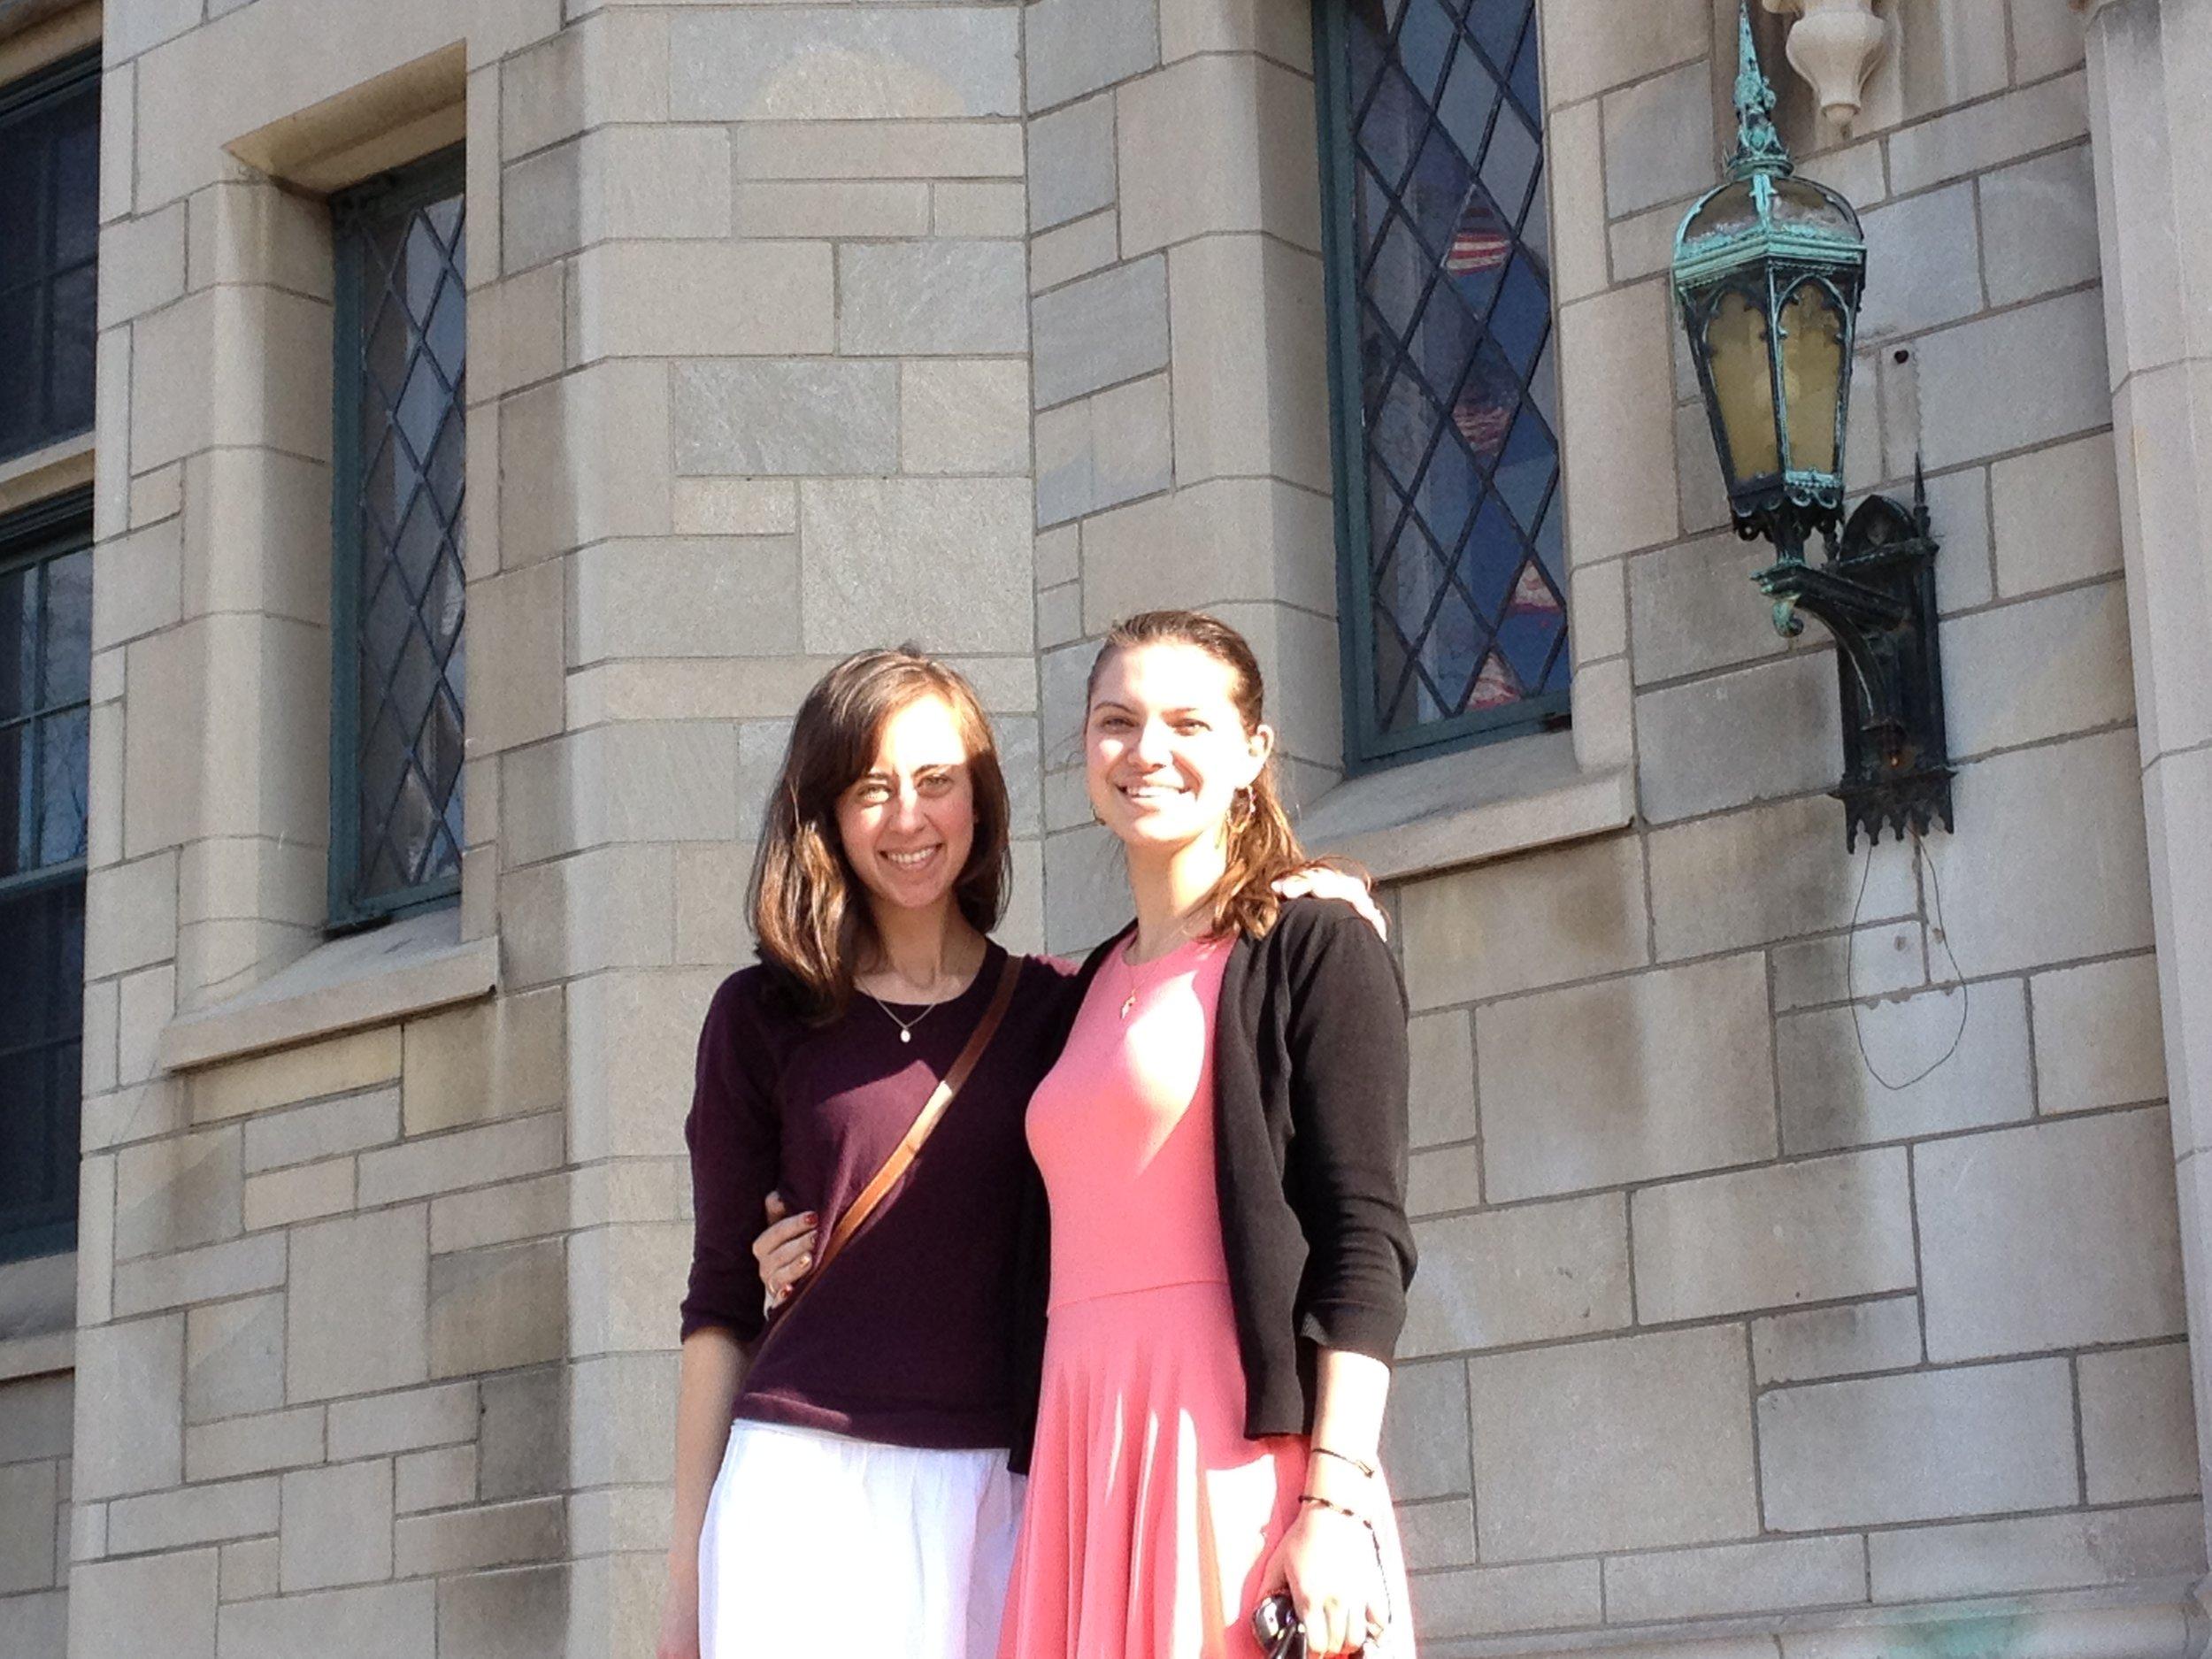 Me & Elise on Easter Sunday!